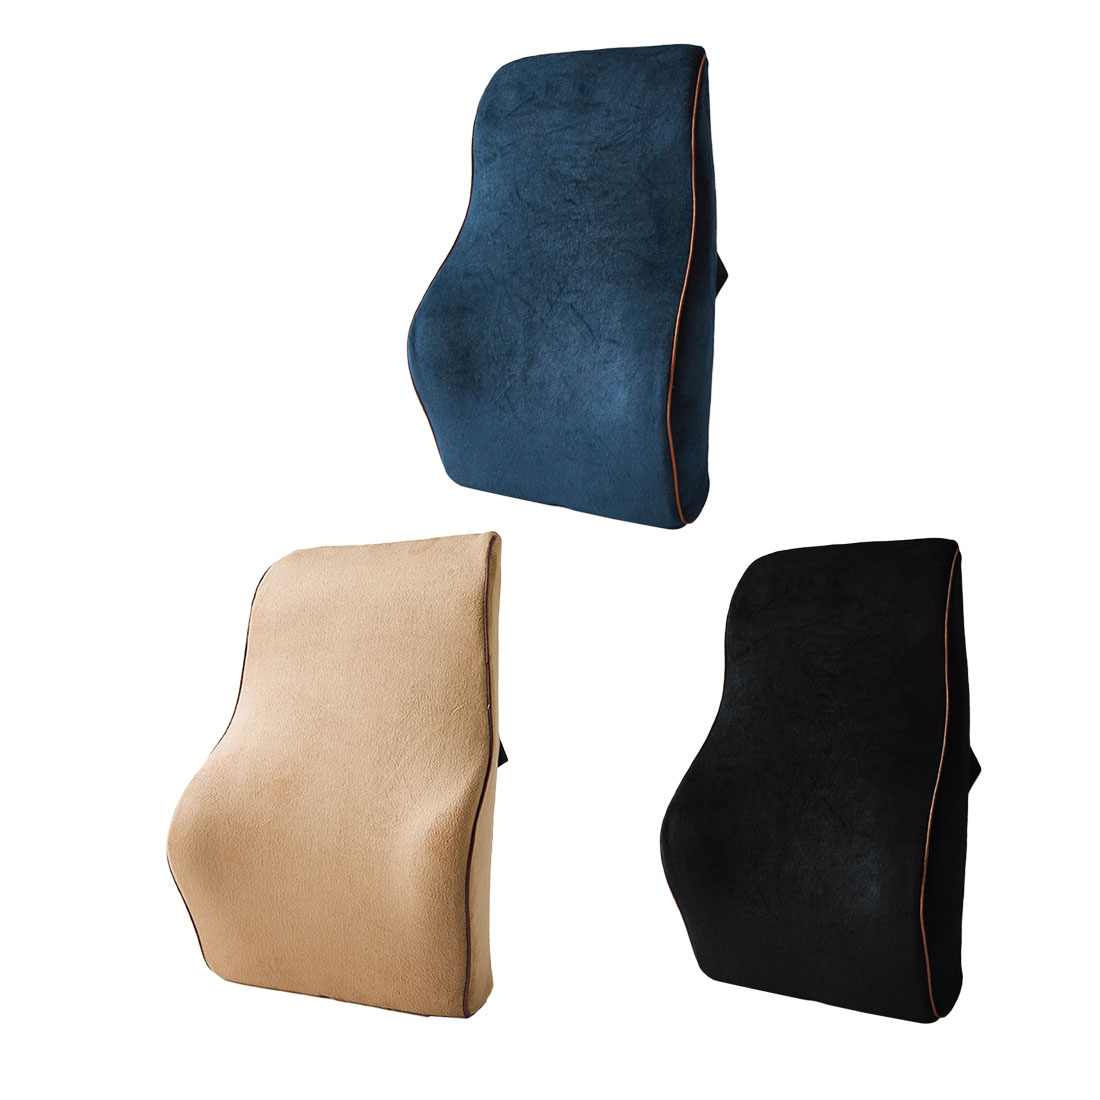 Dewtreetali новая Автомобильная подушка для поддержки поясничной спины с эффектом памяти, подушка для дома, Офисная Автомобильная автокресла, по